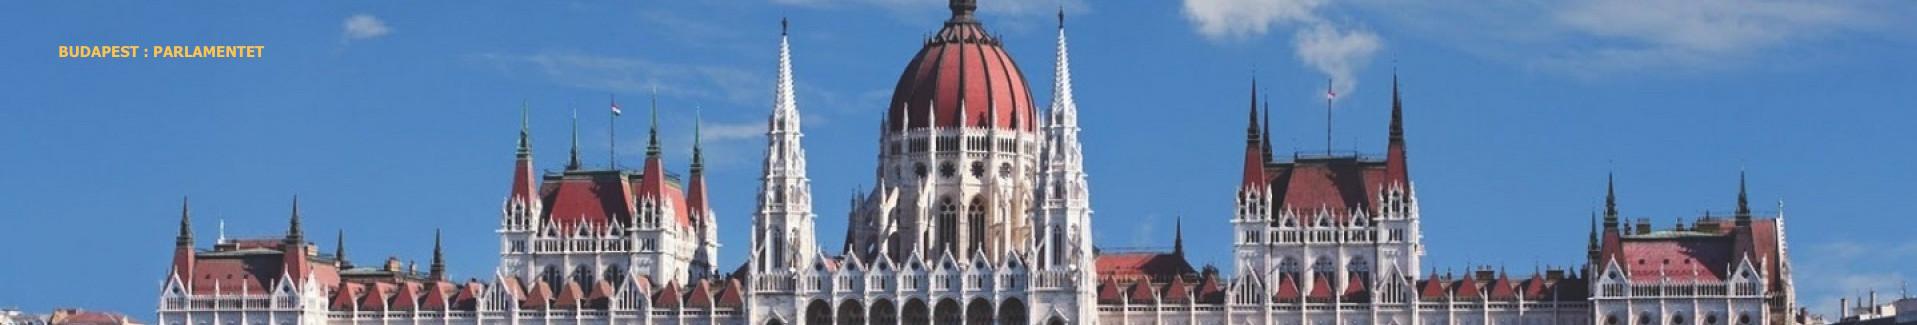 billig grupperejse til Budapest